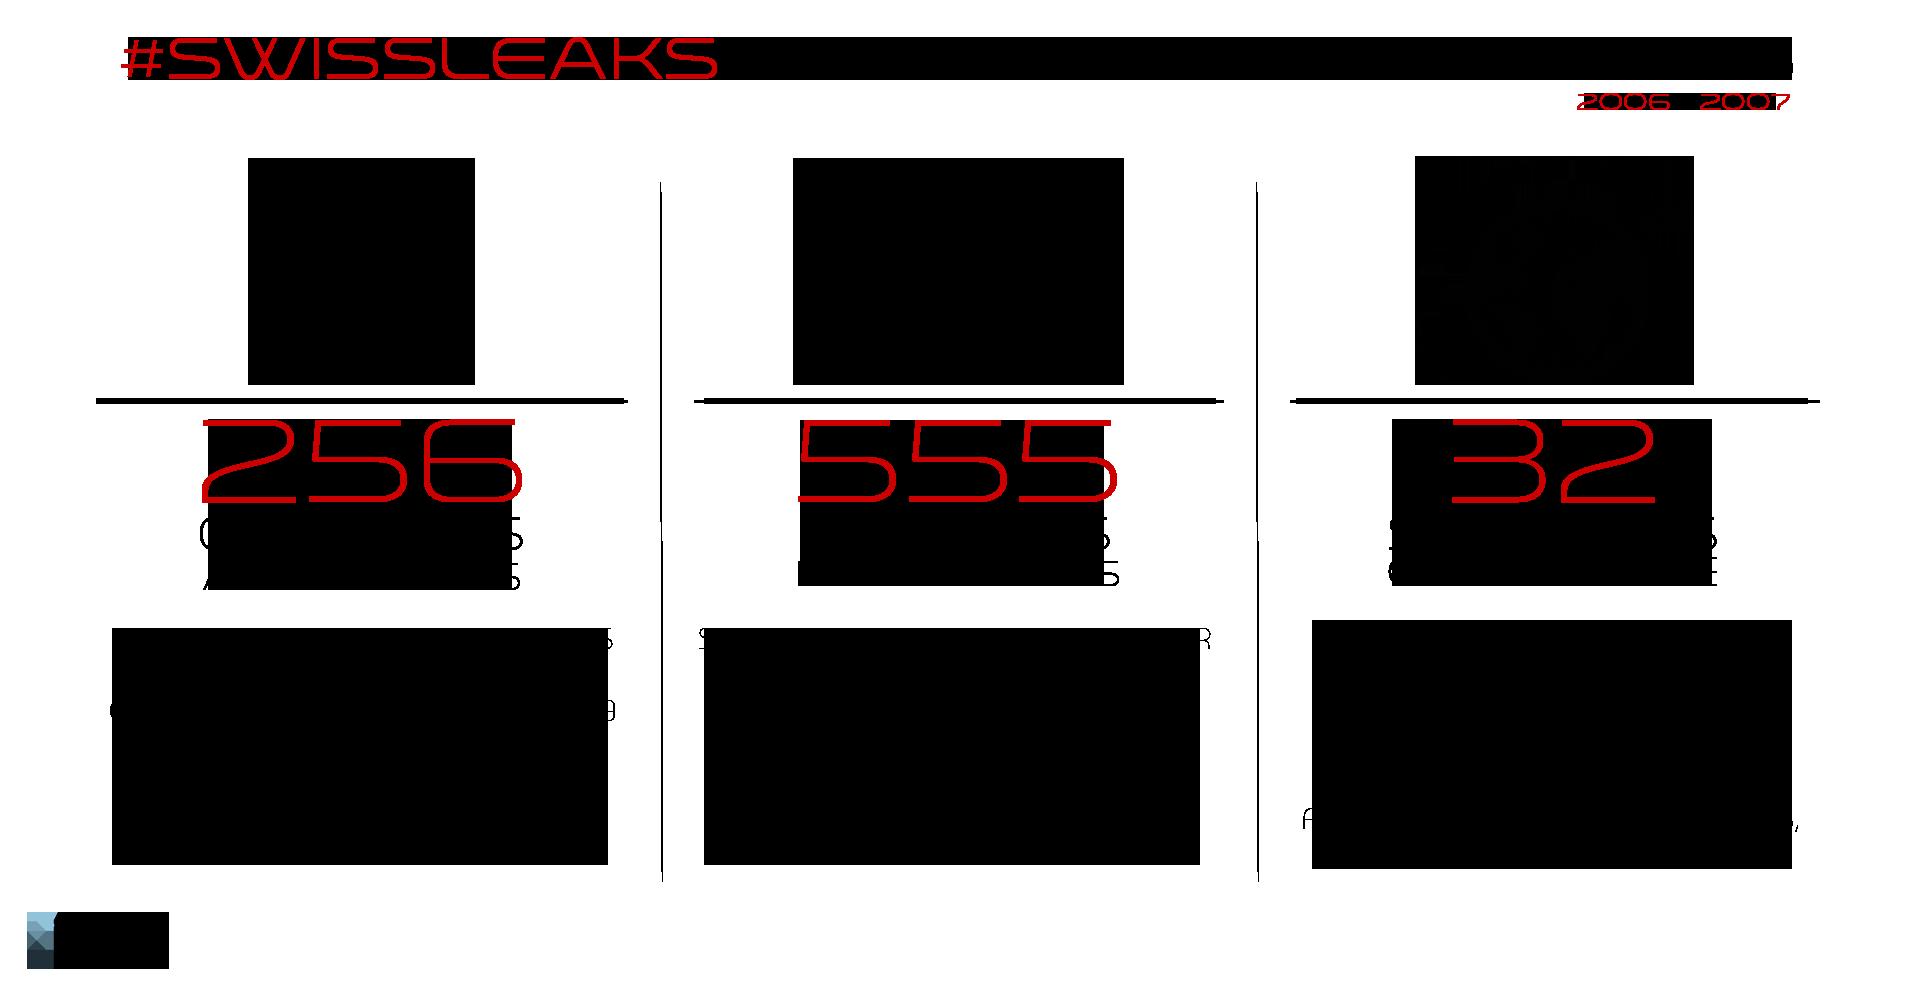 swissleaks-info-generale-1920-inkyfada